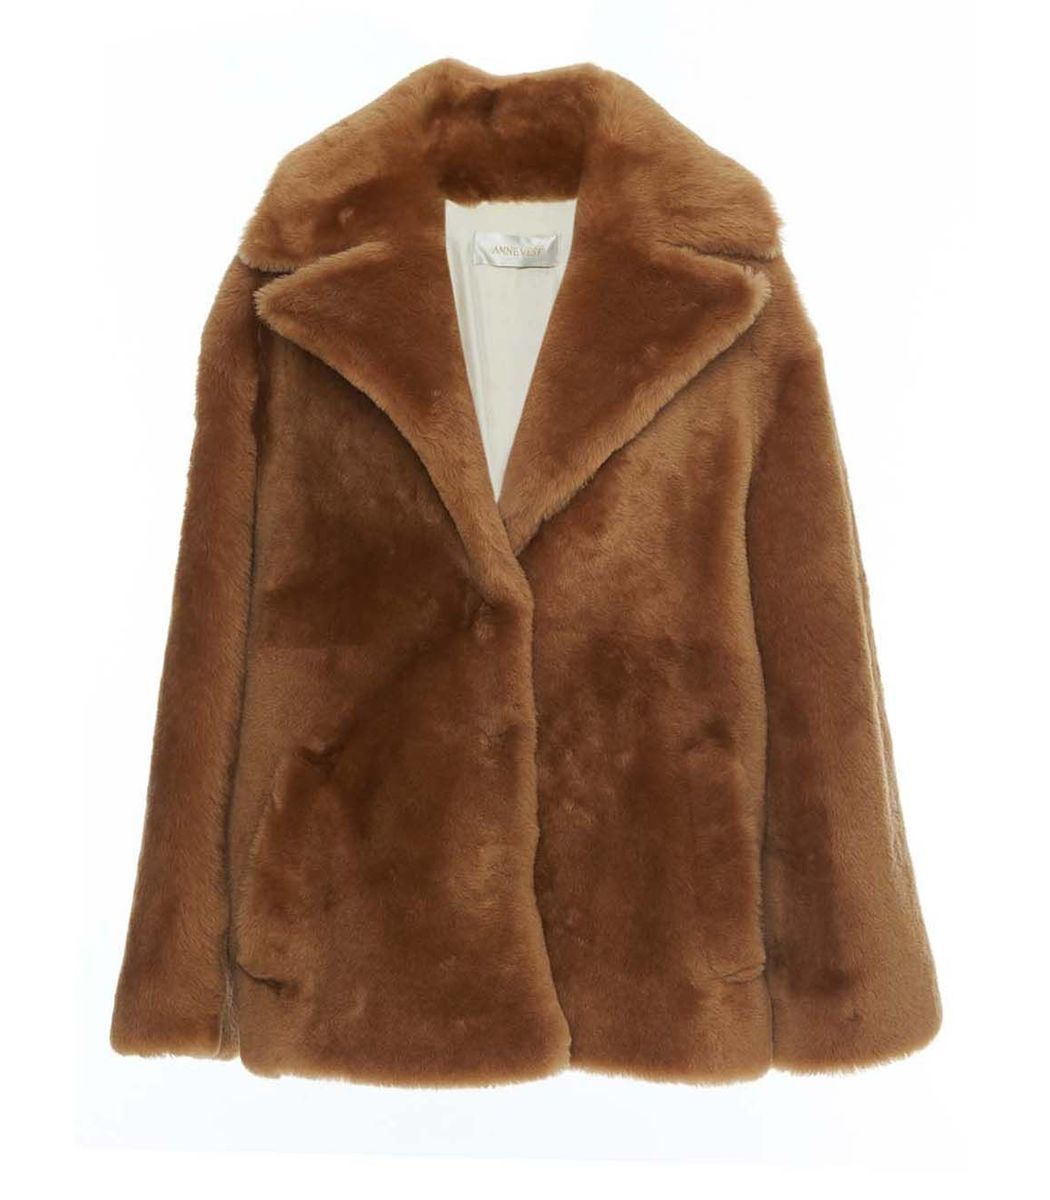 ANNE VEST Brown Shearling Jacket